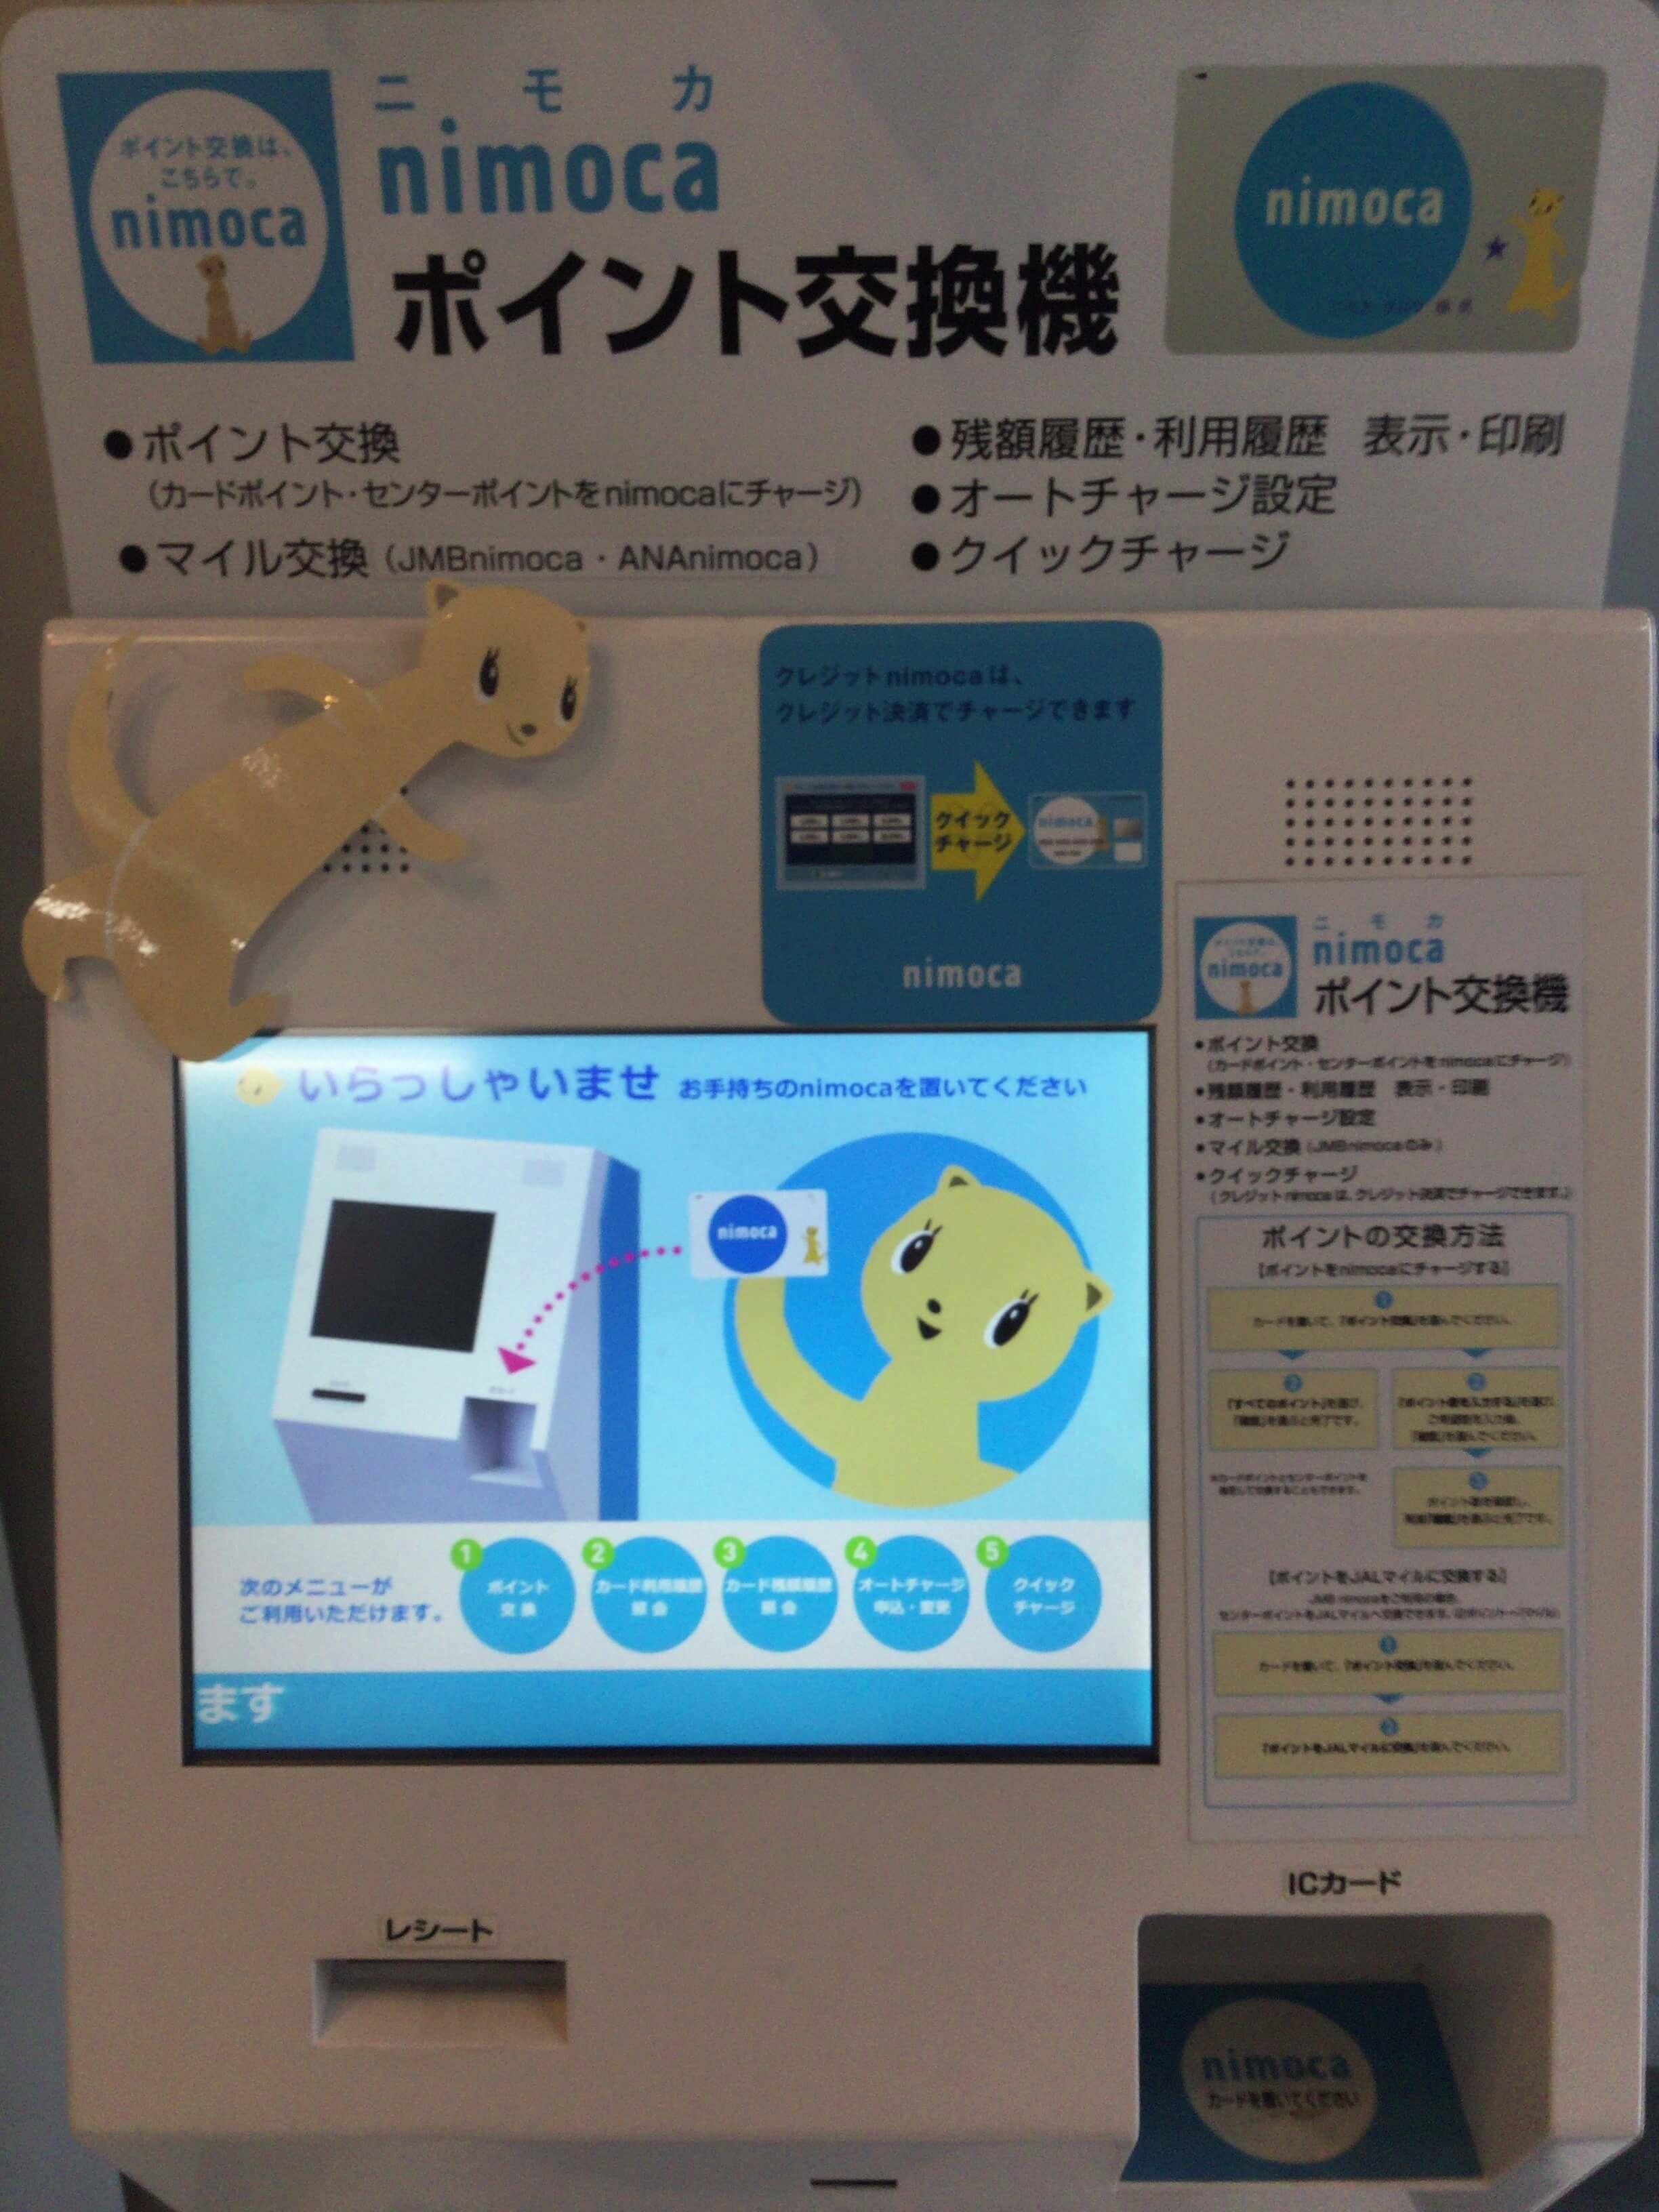 nimocaキャンペーンポイント獲得のため宮崎でクイックチャージしてみた(+宮崎空港から最も近いnimocaポイント交換機の場所)